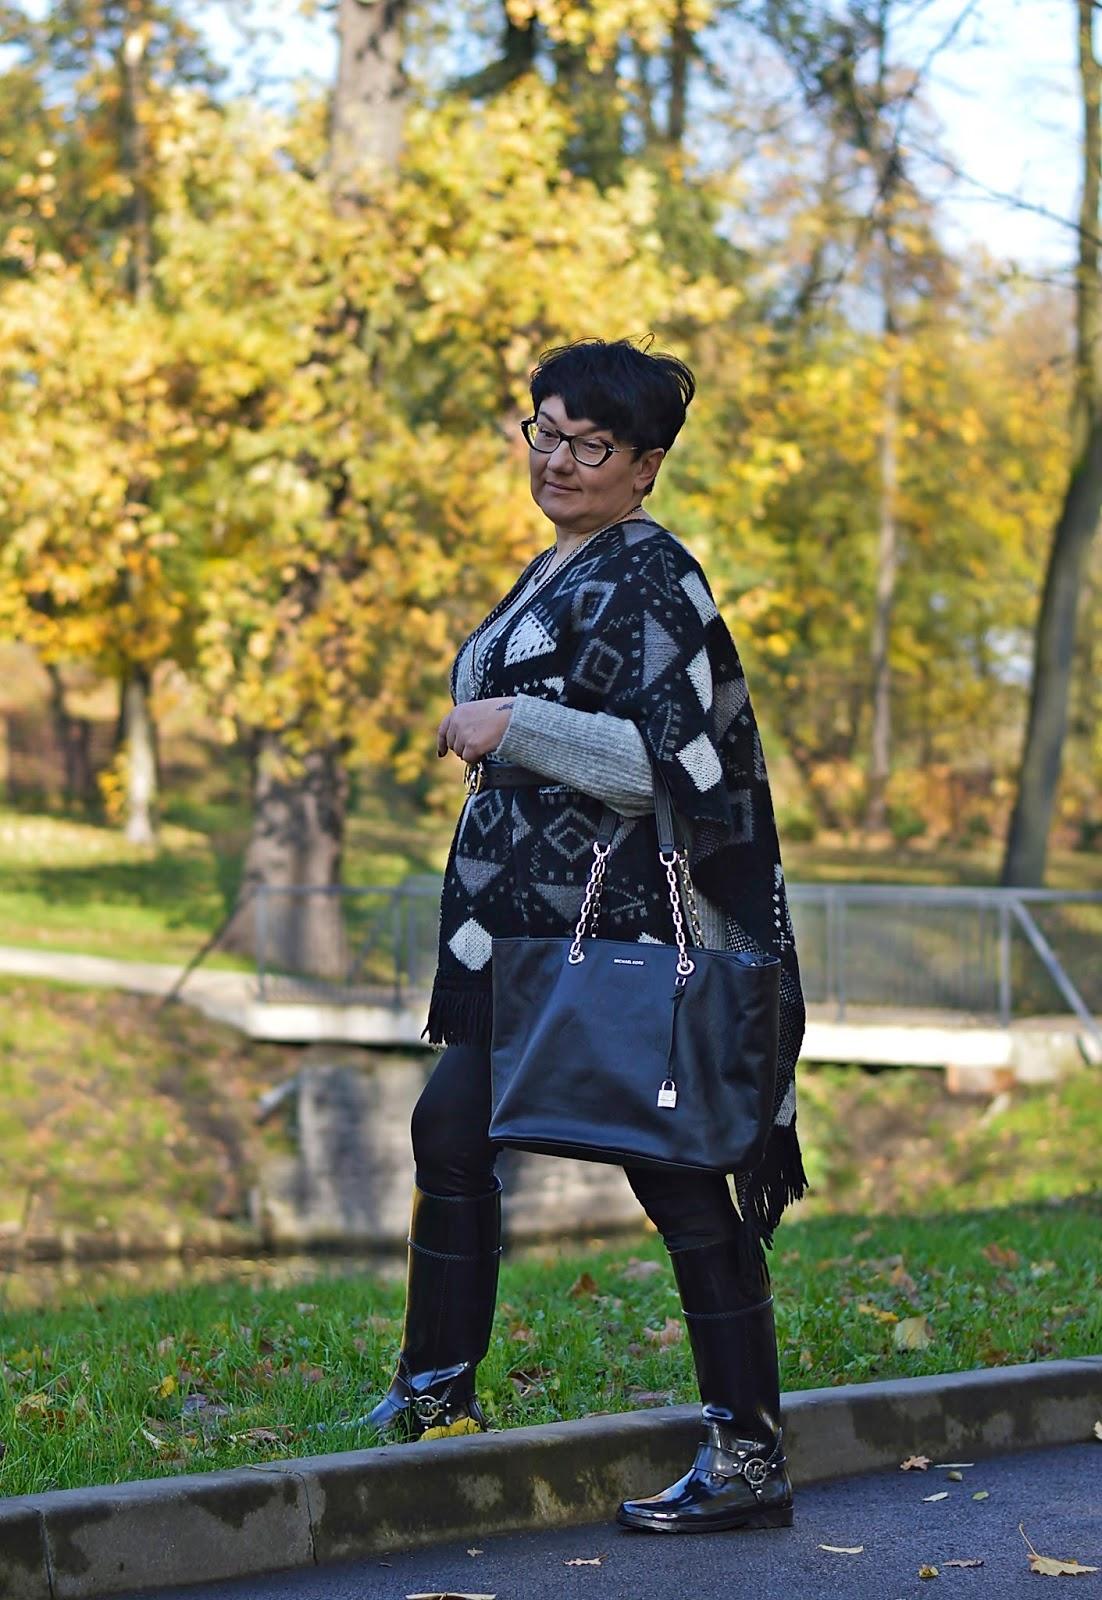 Jesienna stylizacja, ponczo na jesień, kalosze